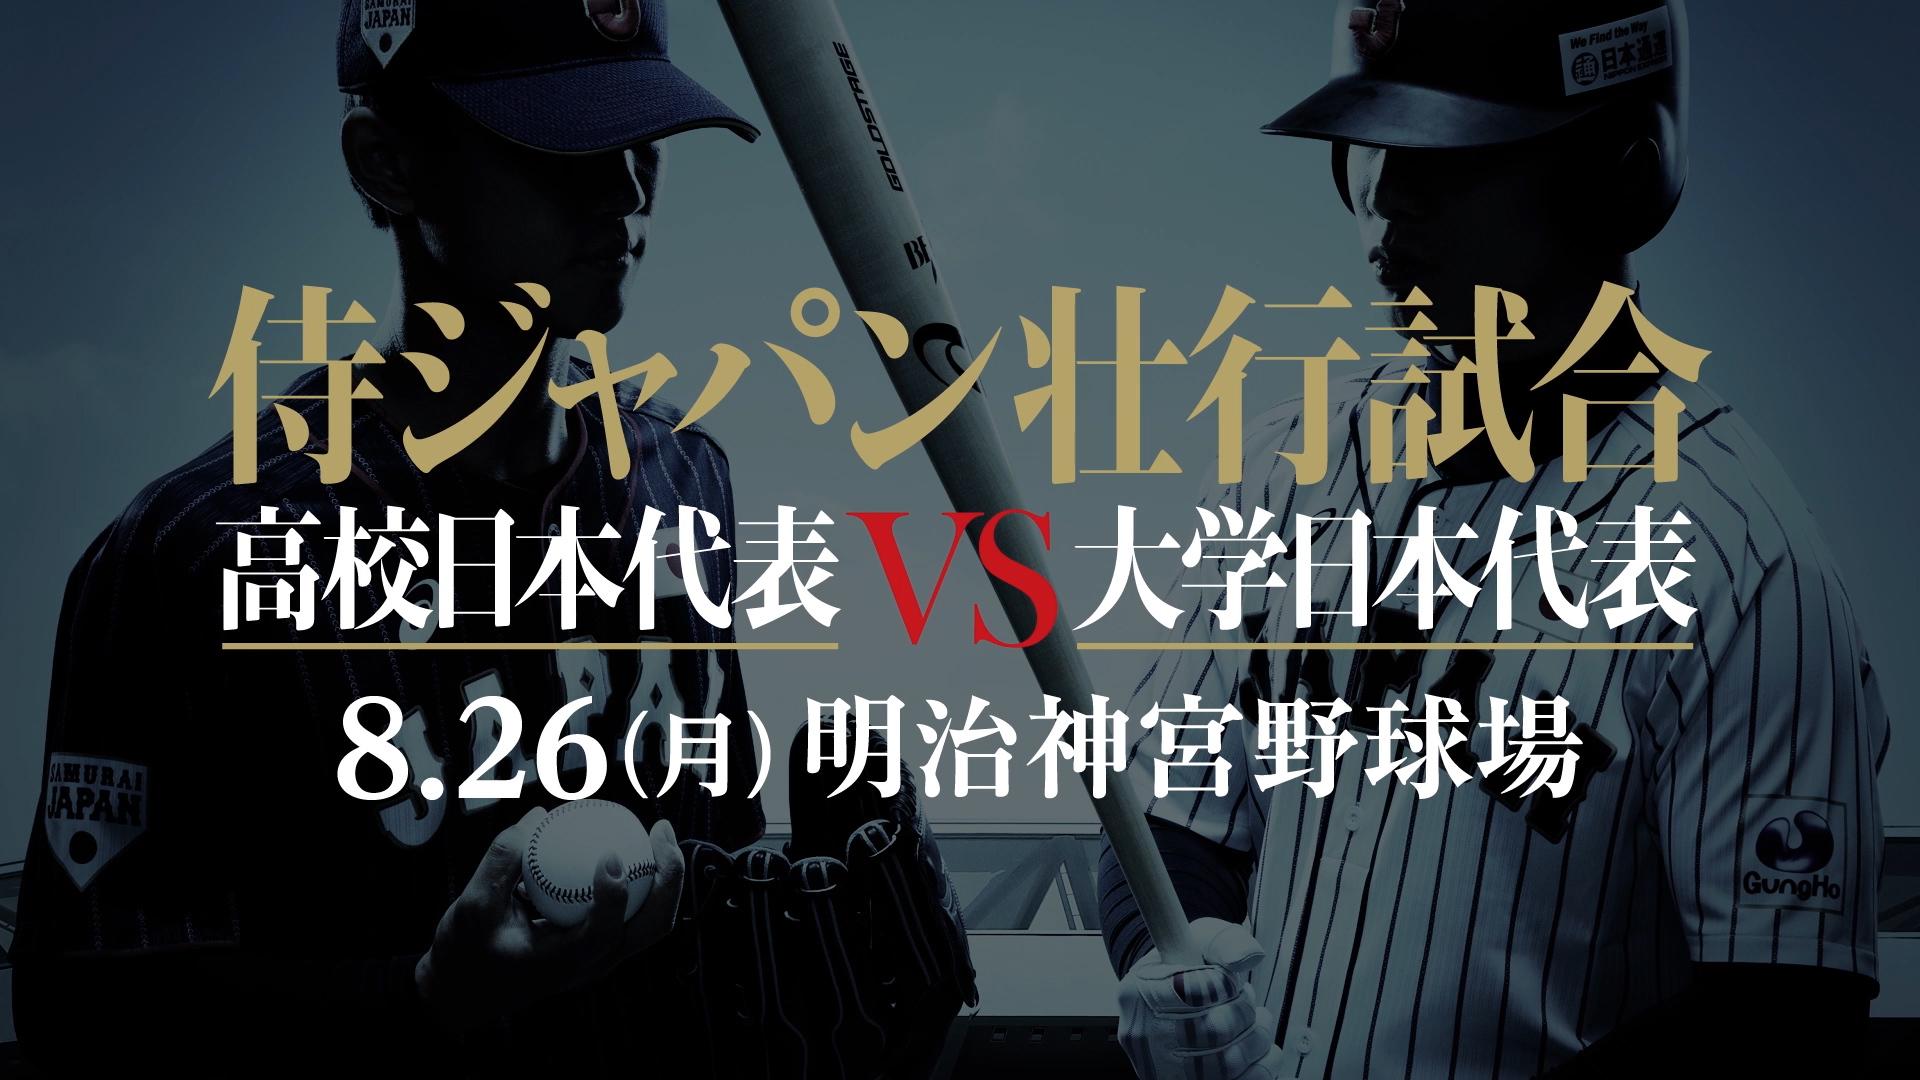 『侍ジャパン壮行試合 高校日本代表 対 大学日本代表』が、8月26日(月)に明治神宮野球場で開催される